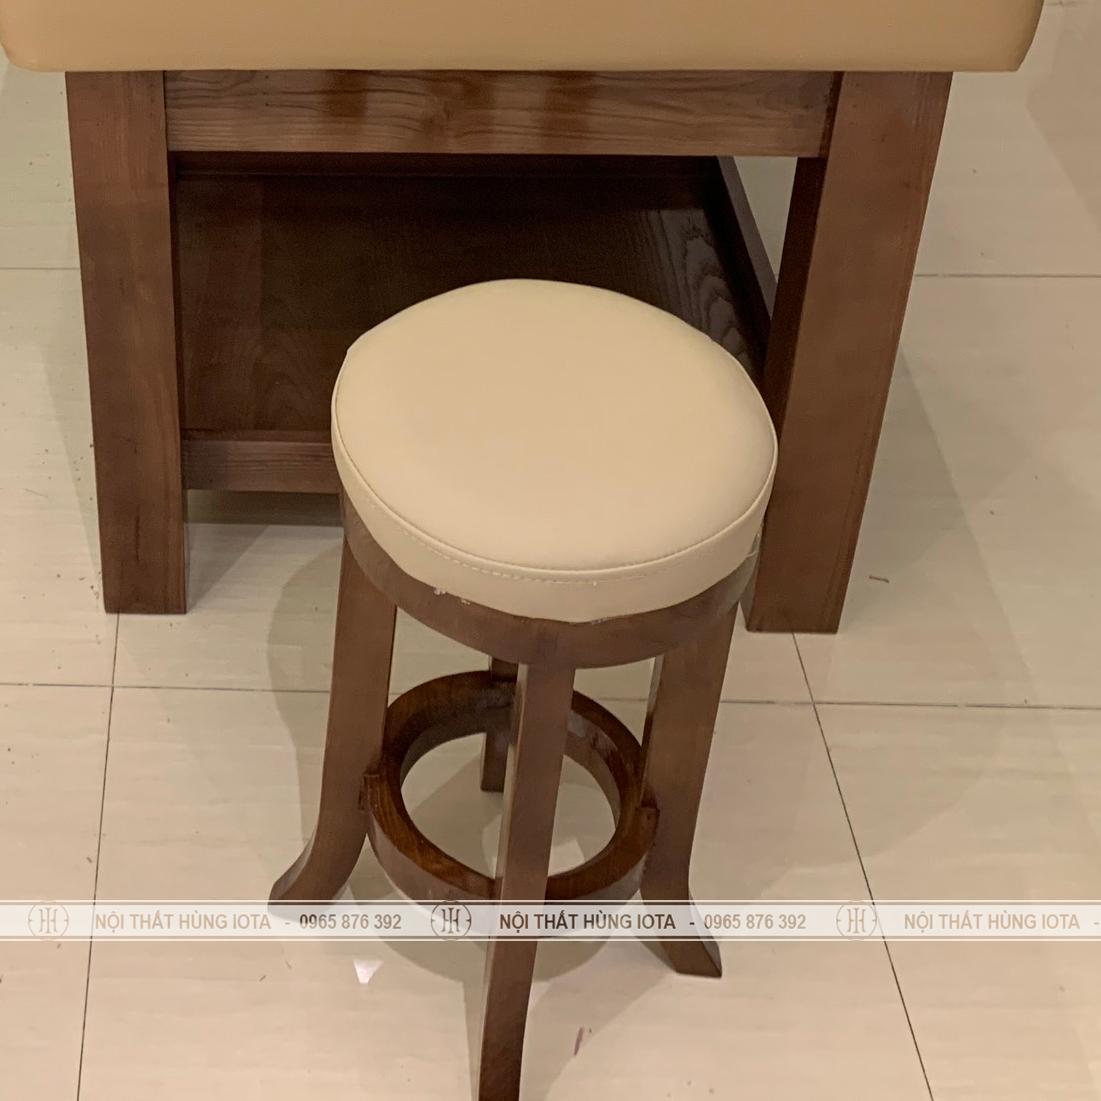 Ghế gỗ spa tròn cho kỹ thuật viên màu gỗ sồi chân quỳ